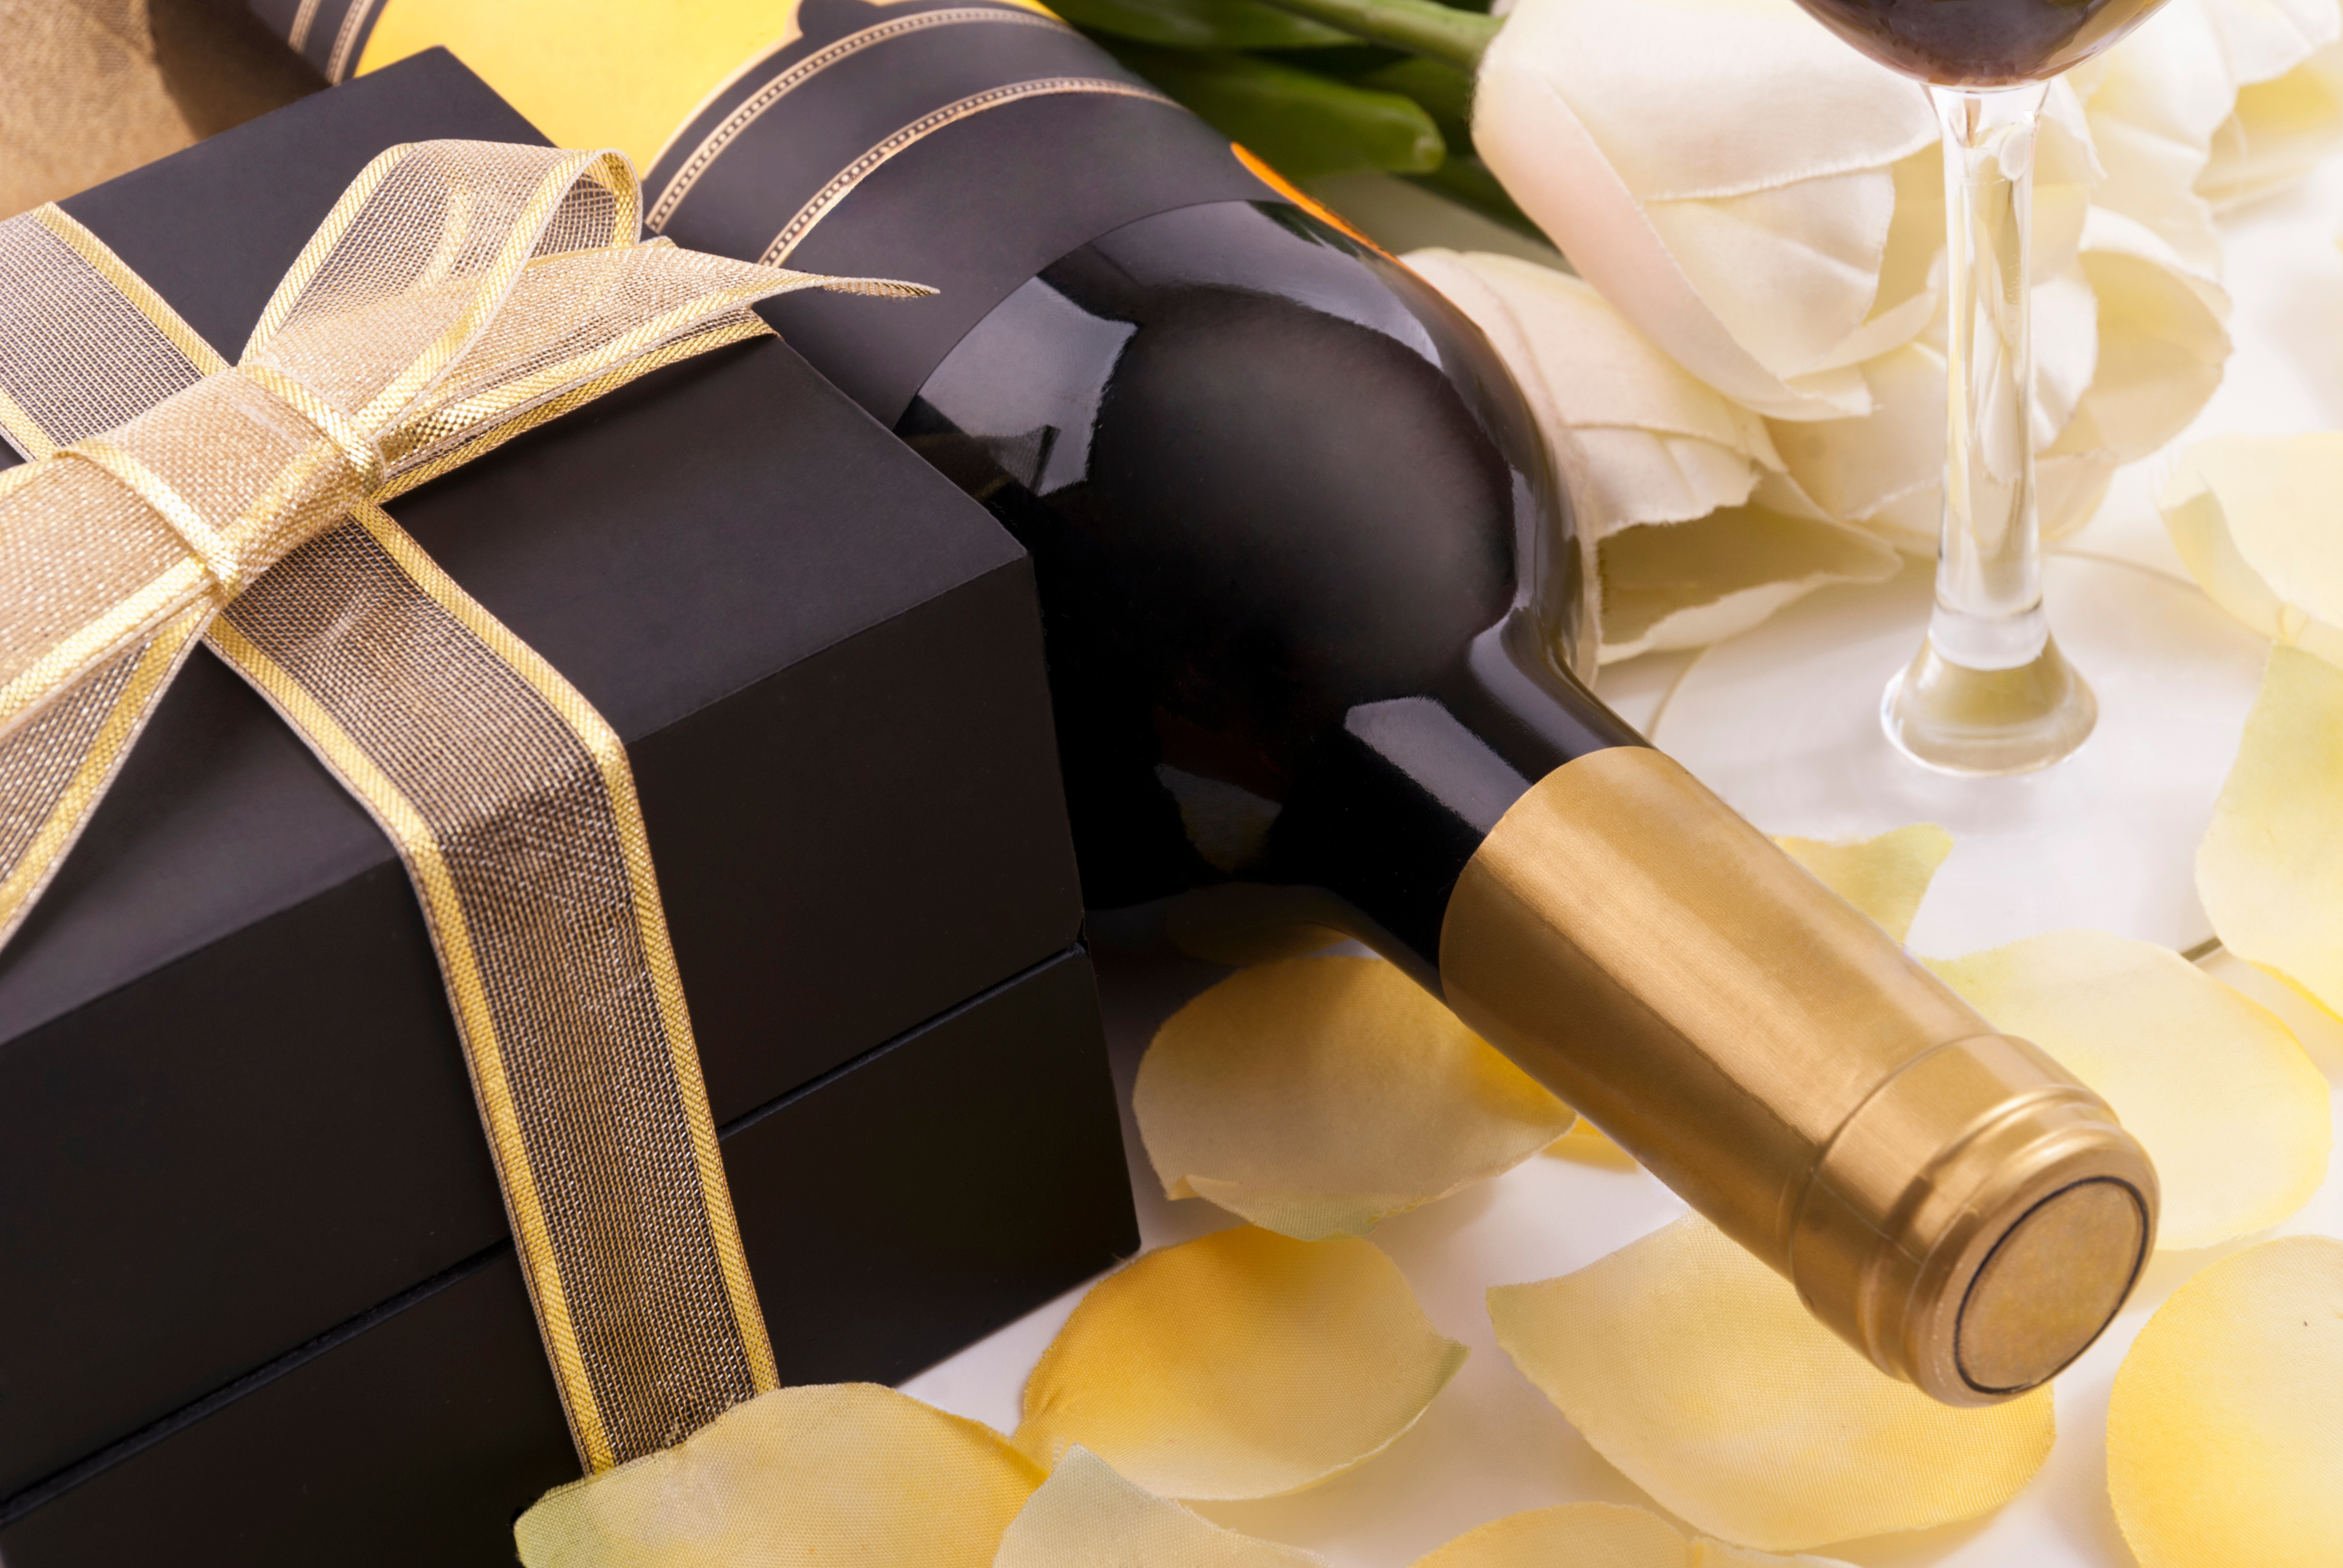 20歳の成人式にワインを贈ろう!記念となるワインの選び方をご紹介